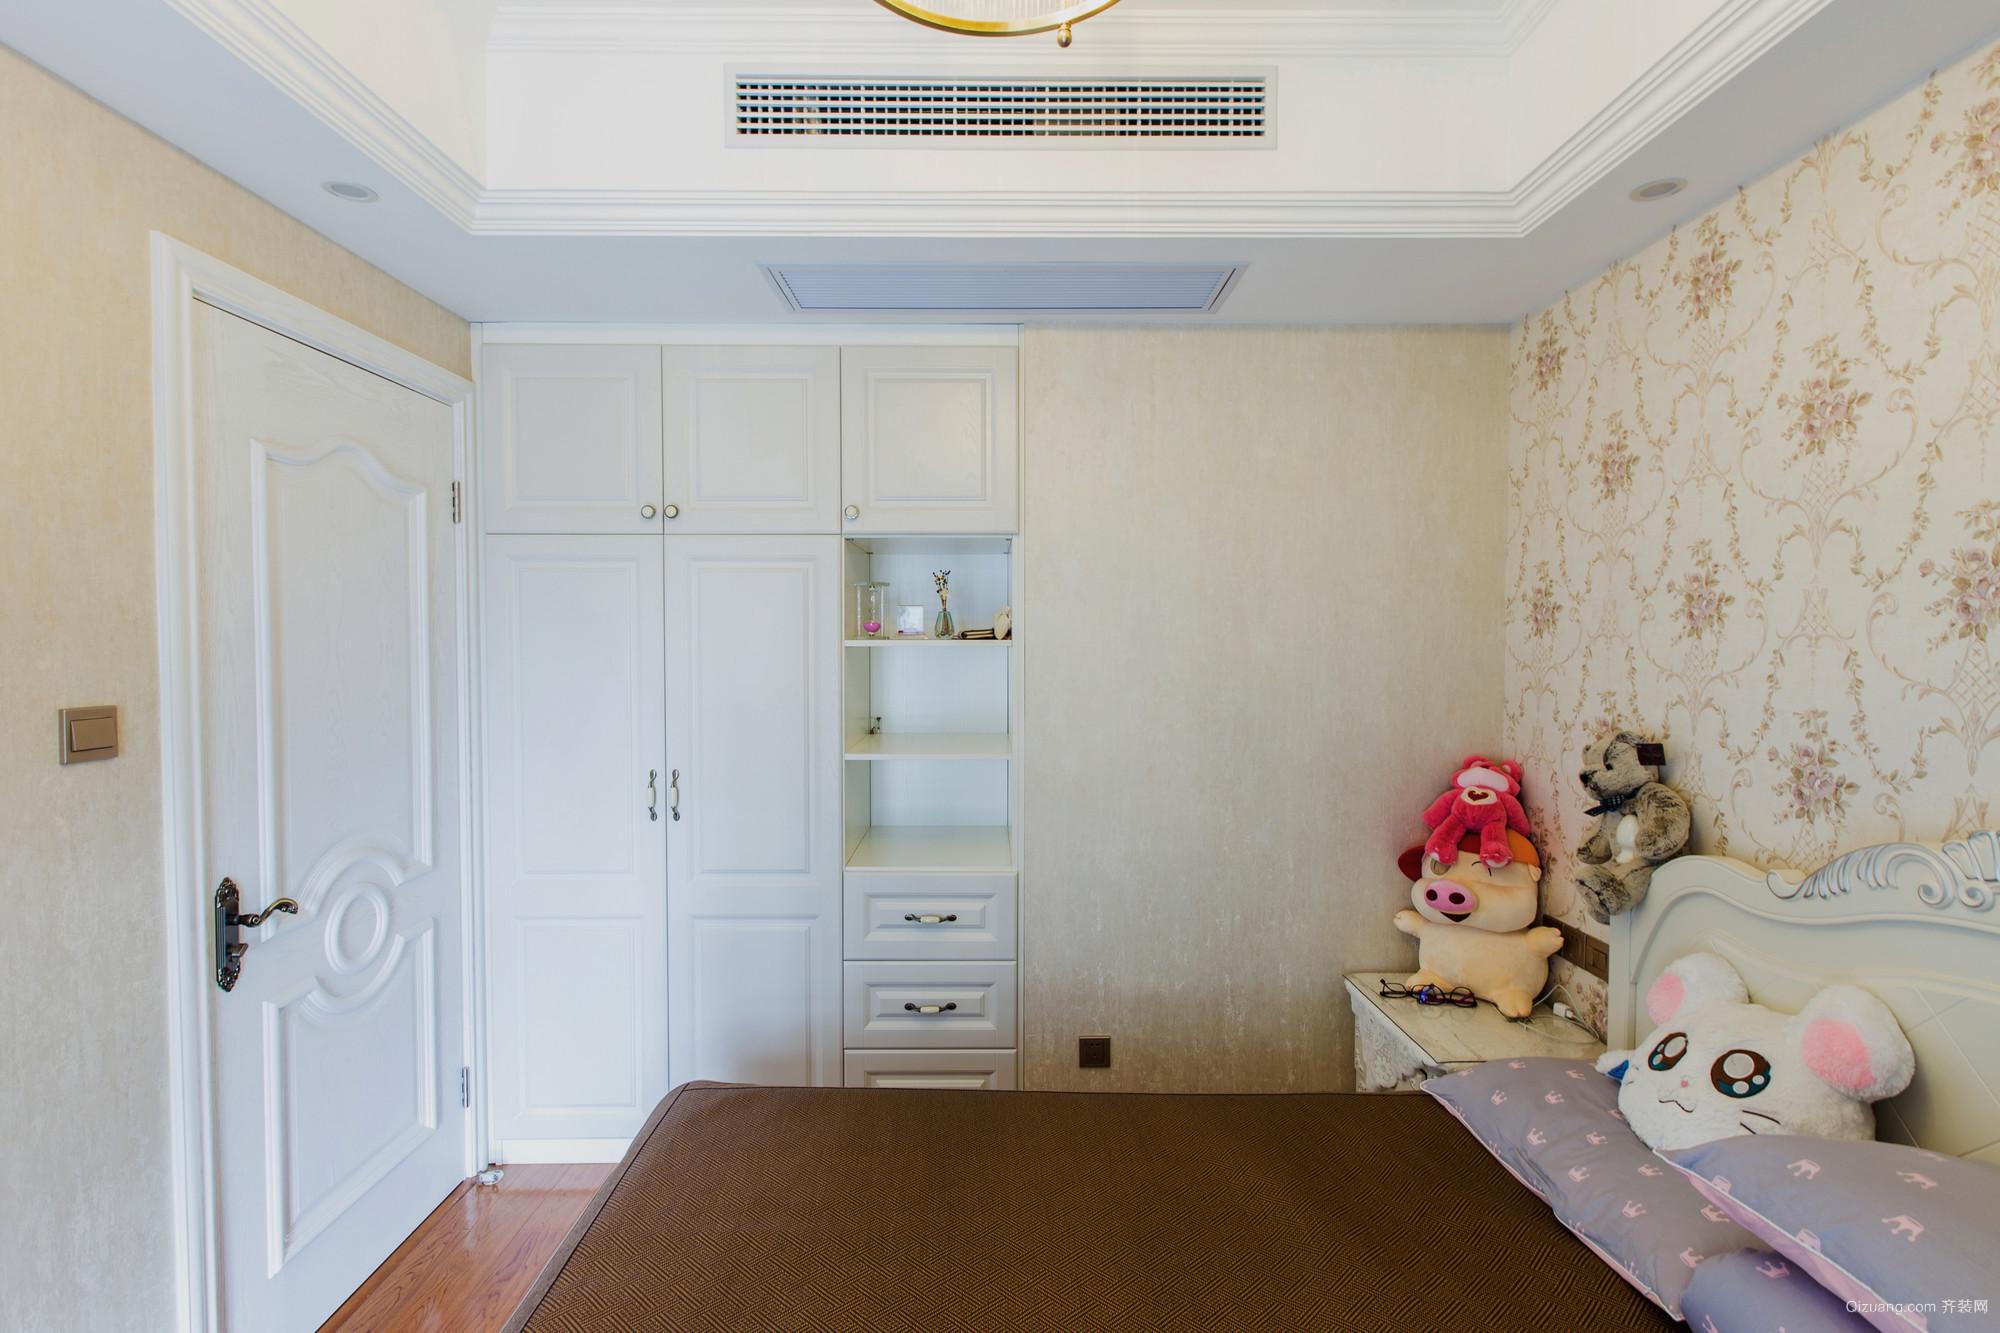 紫玉福邸美式风格装修效果图实景图